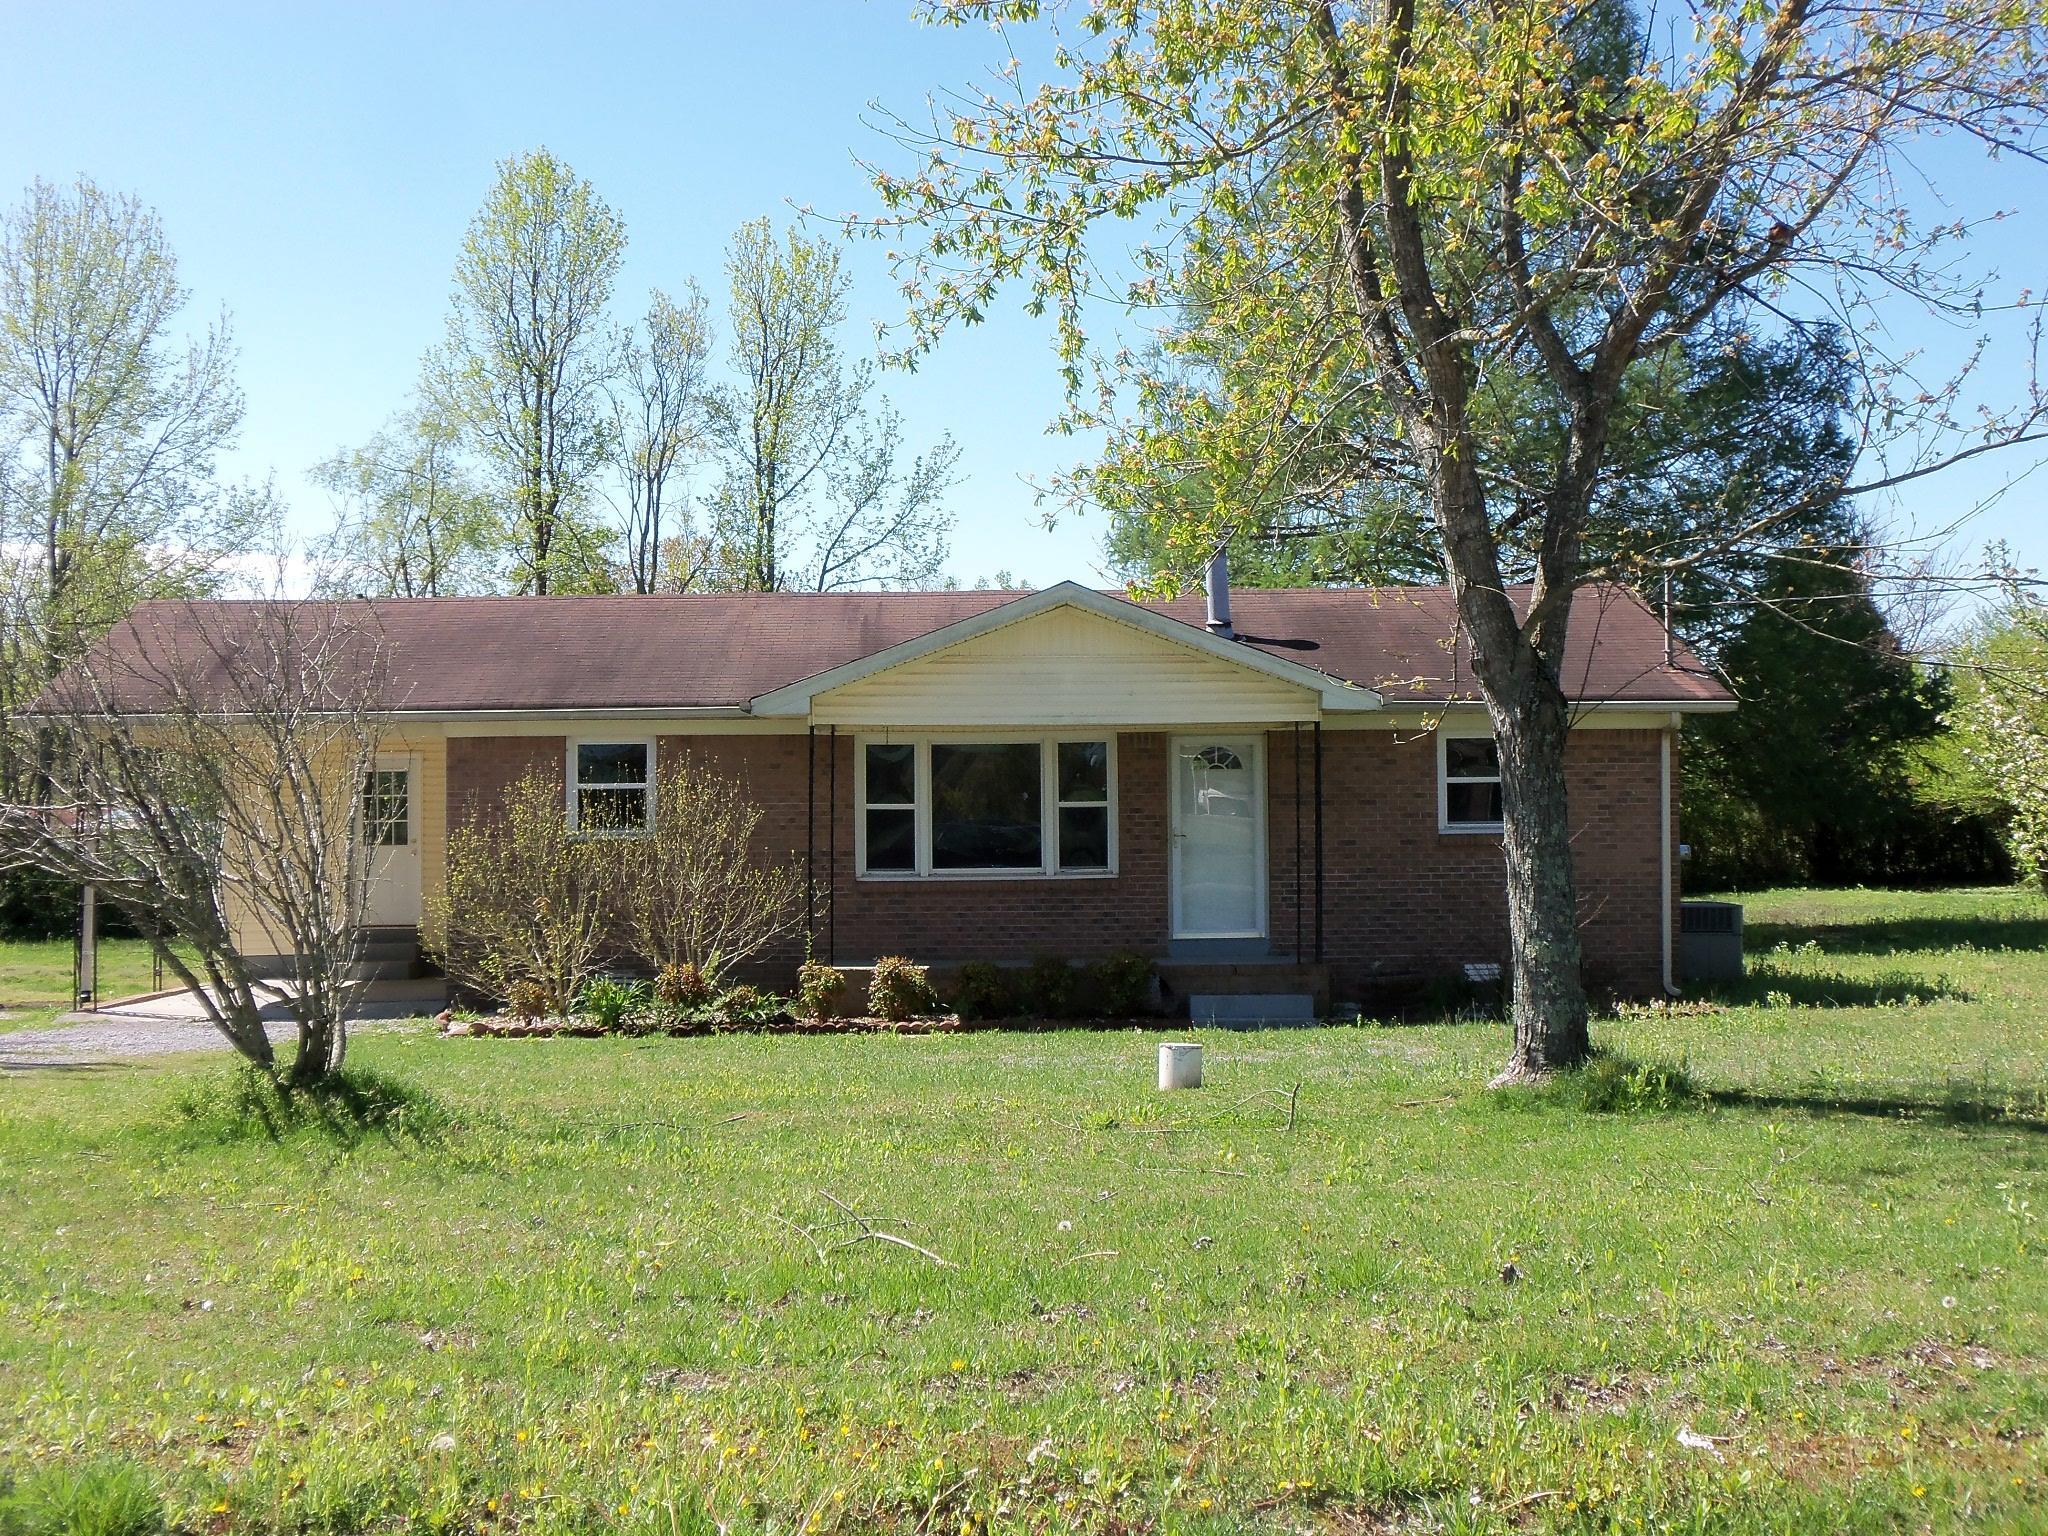 305 Petty Gap Rd, Woodbury, TN 37190